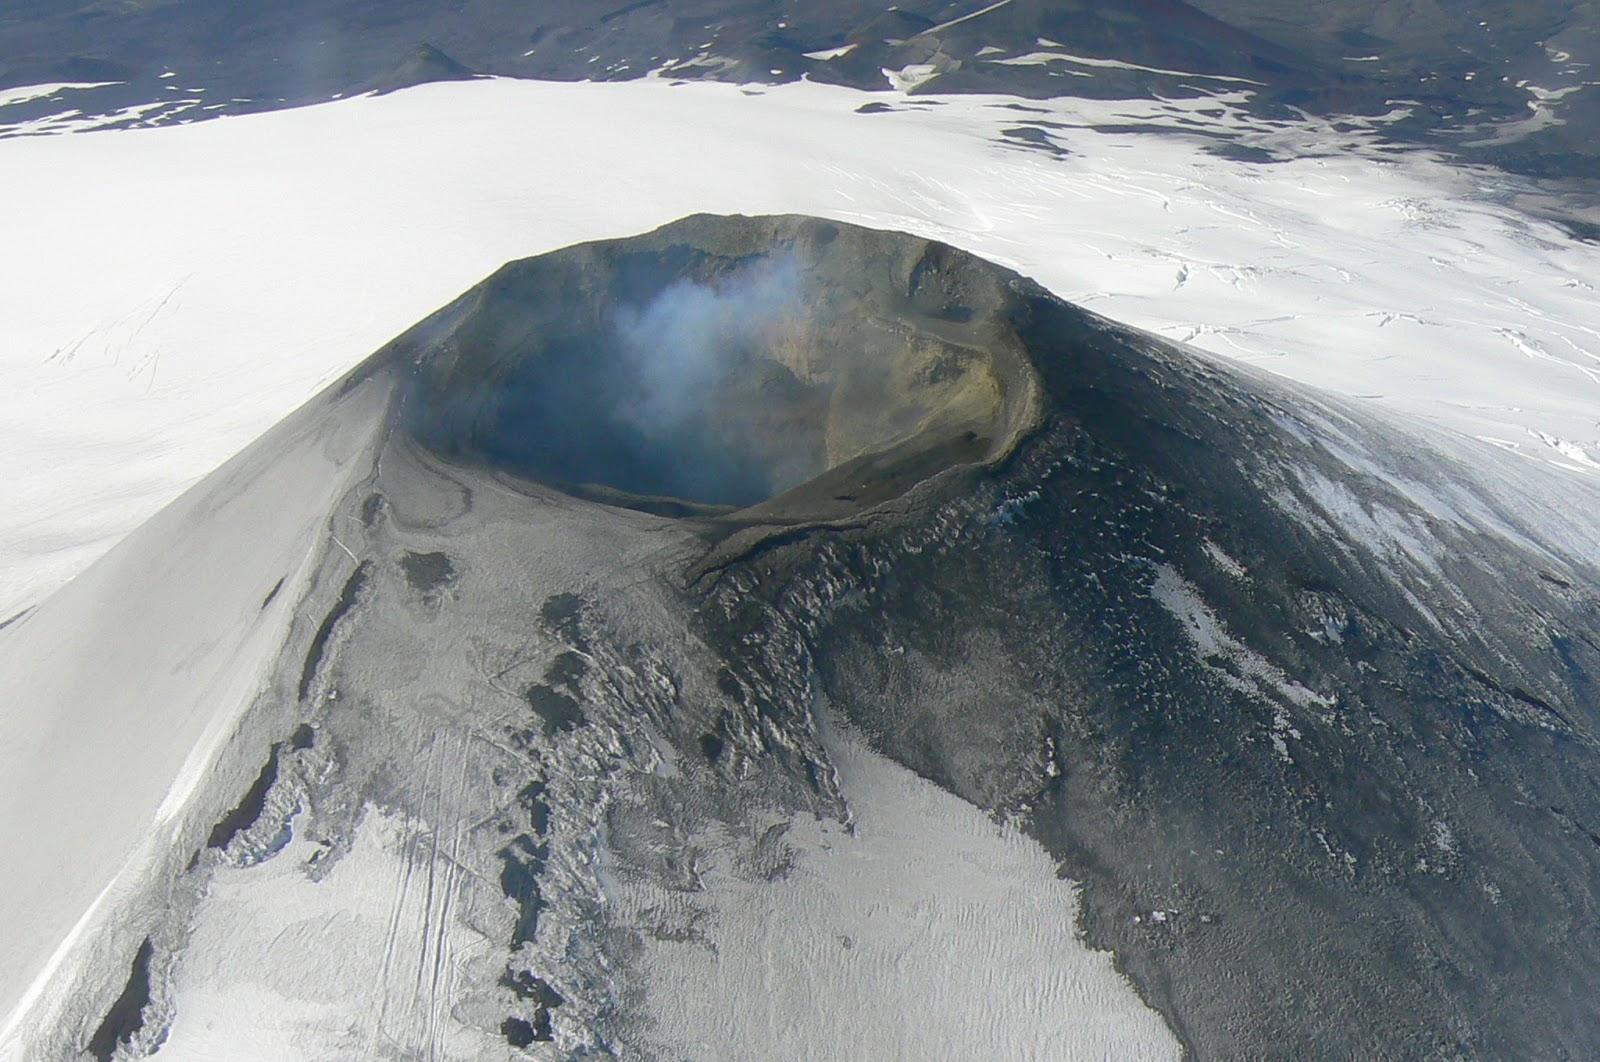 Vue aérienne du volcan Villarica au Chili